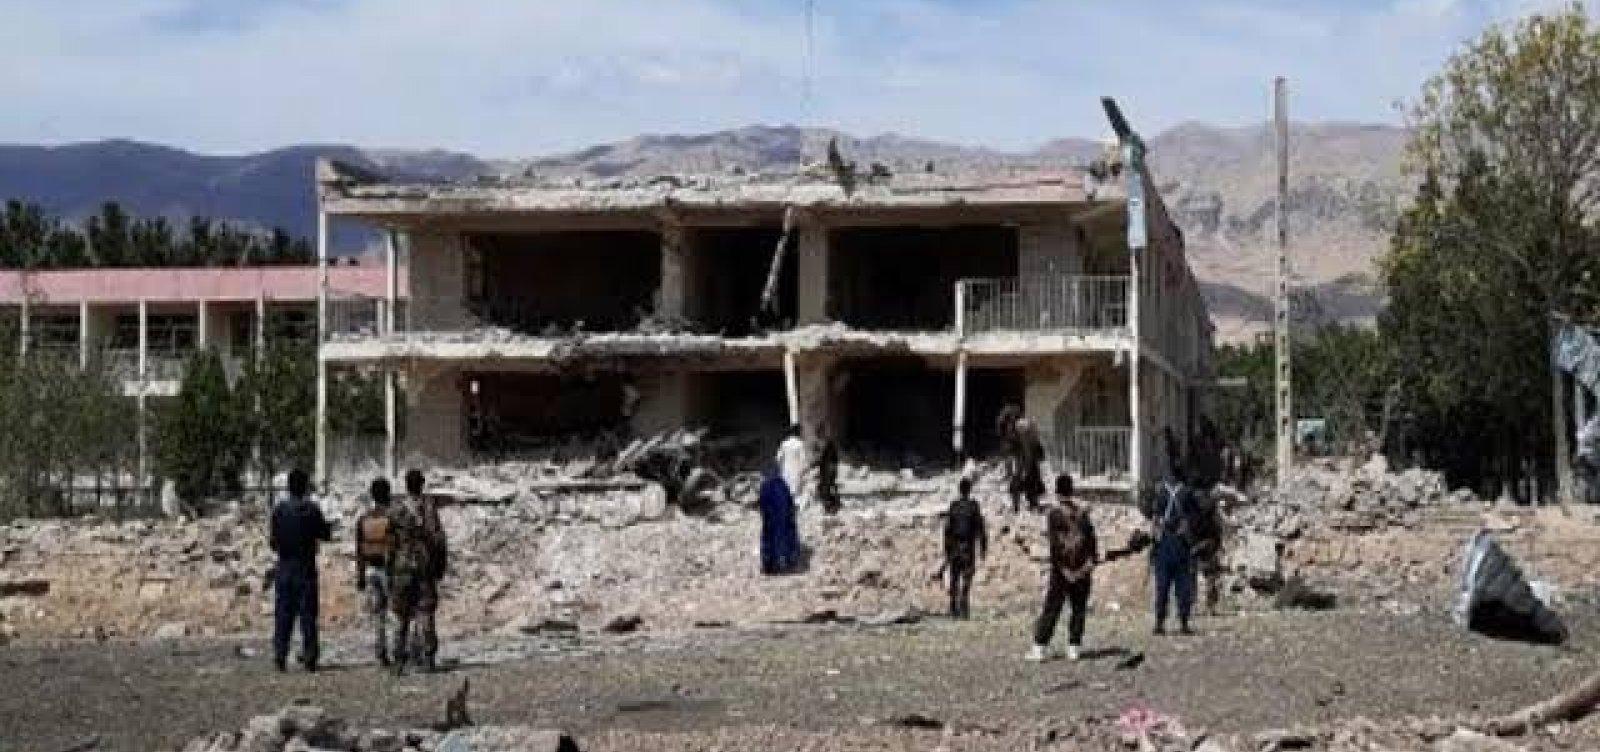 Afeganistão: ataque aéreo atinge mesquita e deixa 12 mortos e 14 feridos